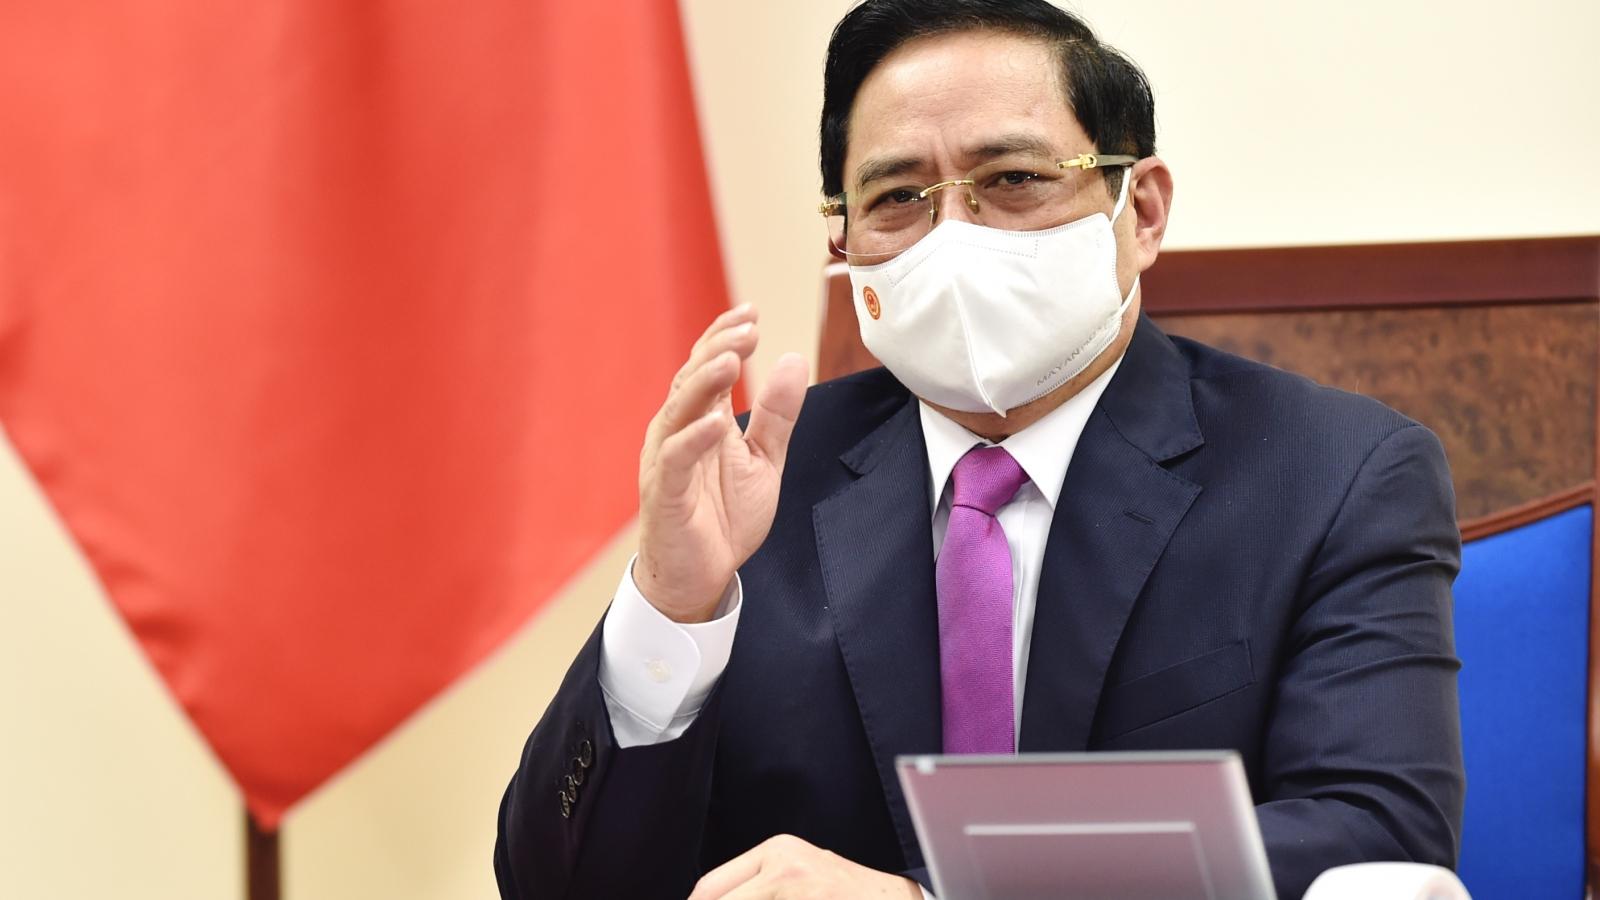 Thủ tướng tham dự và phát biểu tại Hội nghị tương lai châu Á